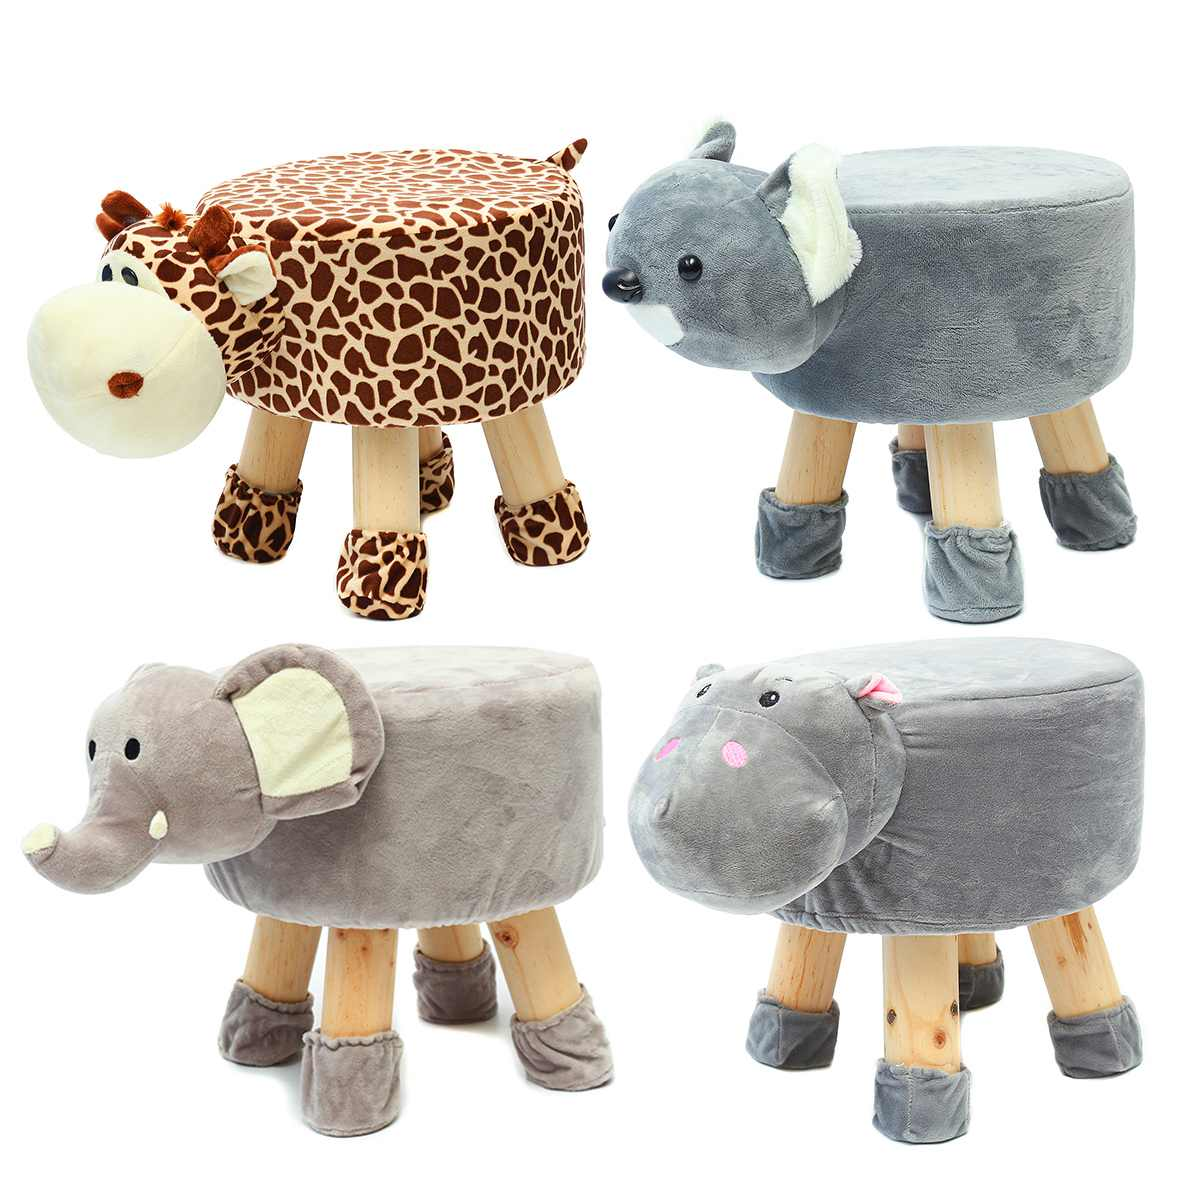 Tabouret animal Portable pour enfants chaussures en bois massif ben ch tabouret dessin animé mignon tabouret Animal repose-pieds pouf tabouret